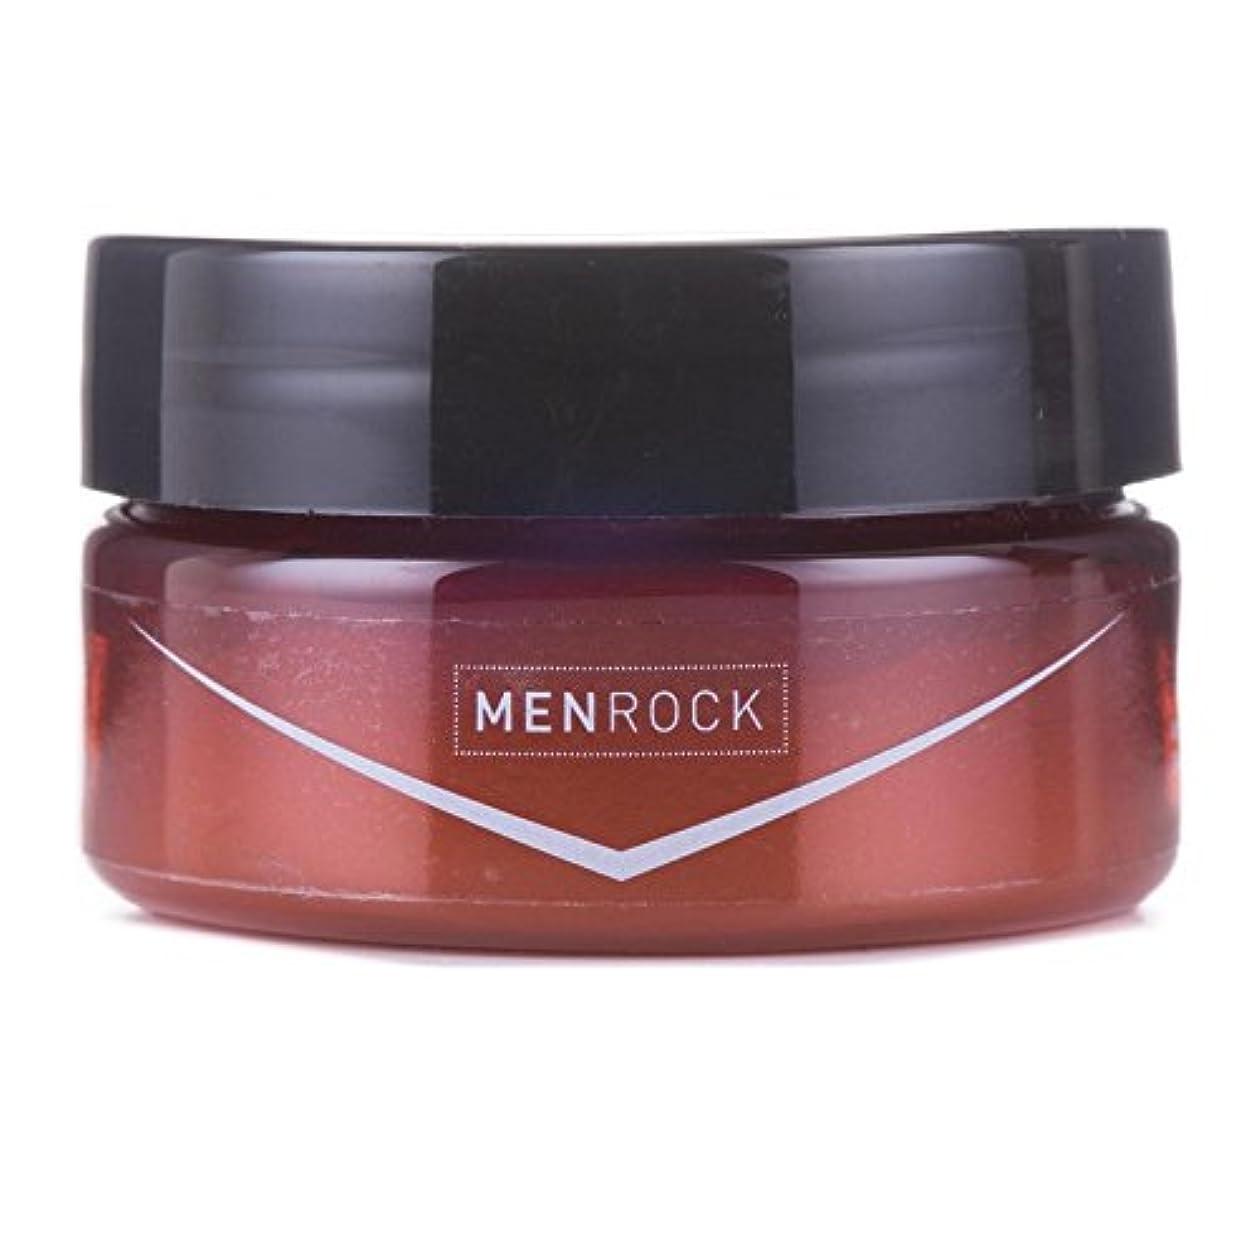 答え小説家重要男性の岩白檀口ひげワックス x2 - Men Rock Sandalwood Moustache Wax (Pack of 2) [並行輸入品]